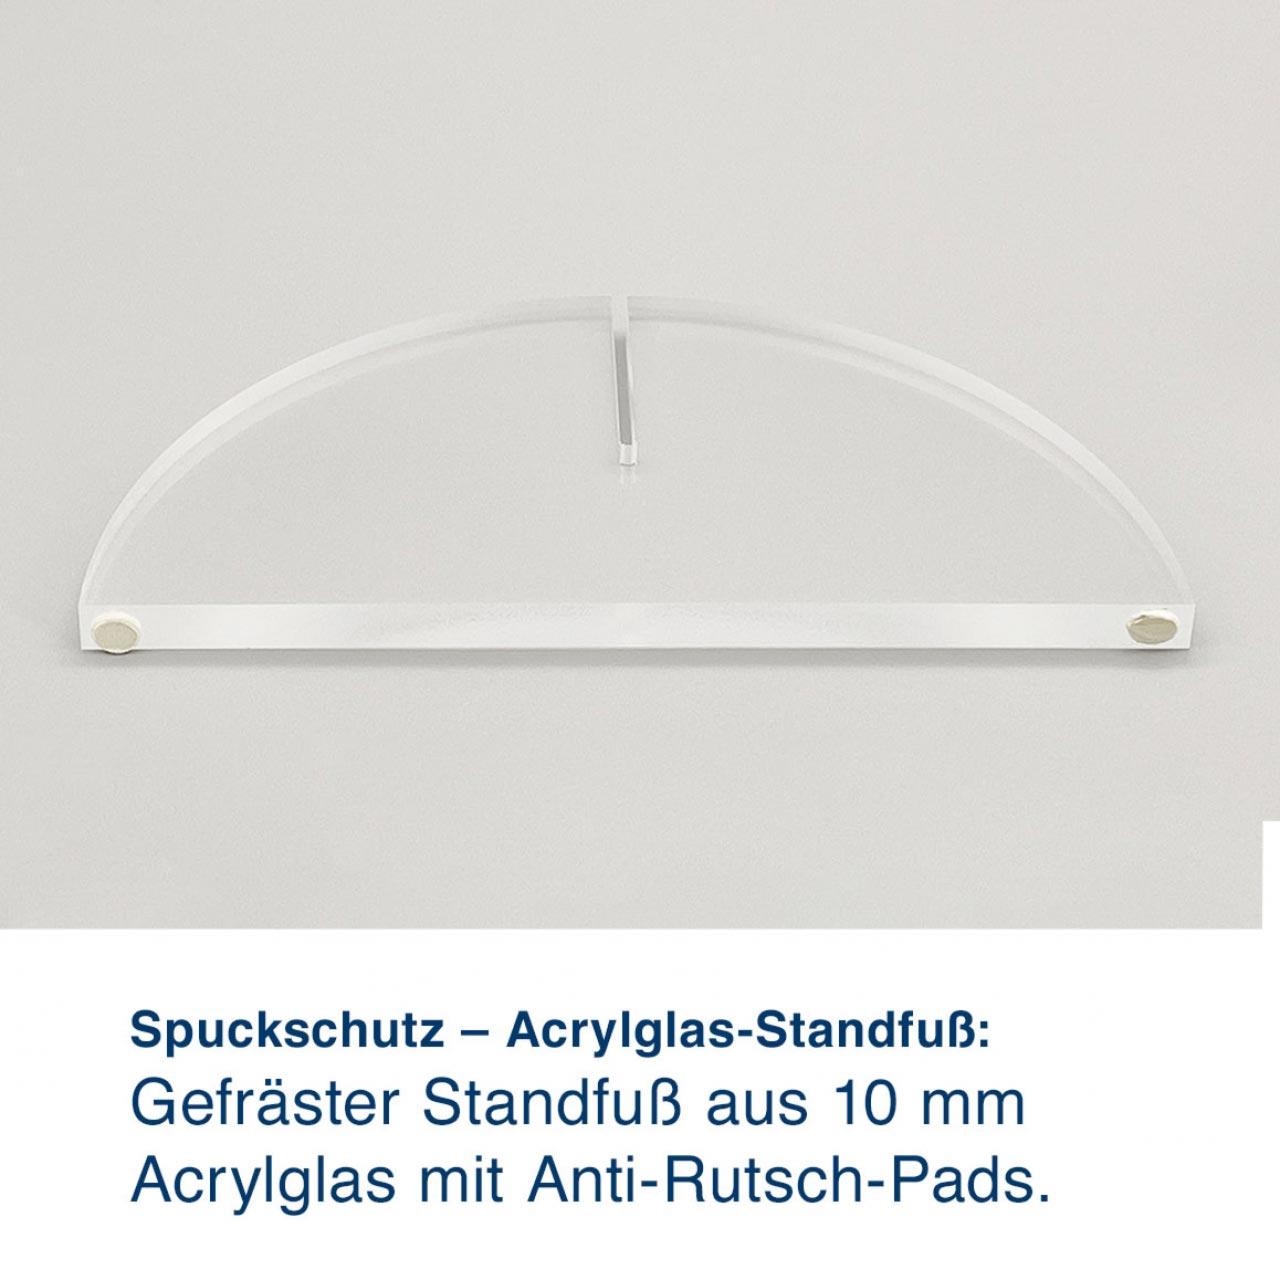 Spuckschutz – Acrylglas-Standfuß:  Gefräster Standfuß aus 10mm   Acrylglas mit Anti-Rutsch-Pads.